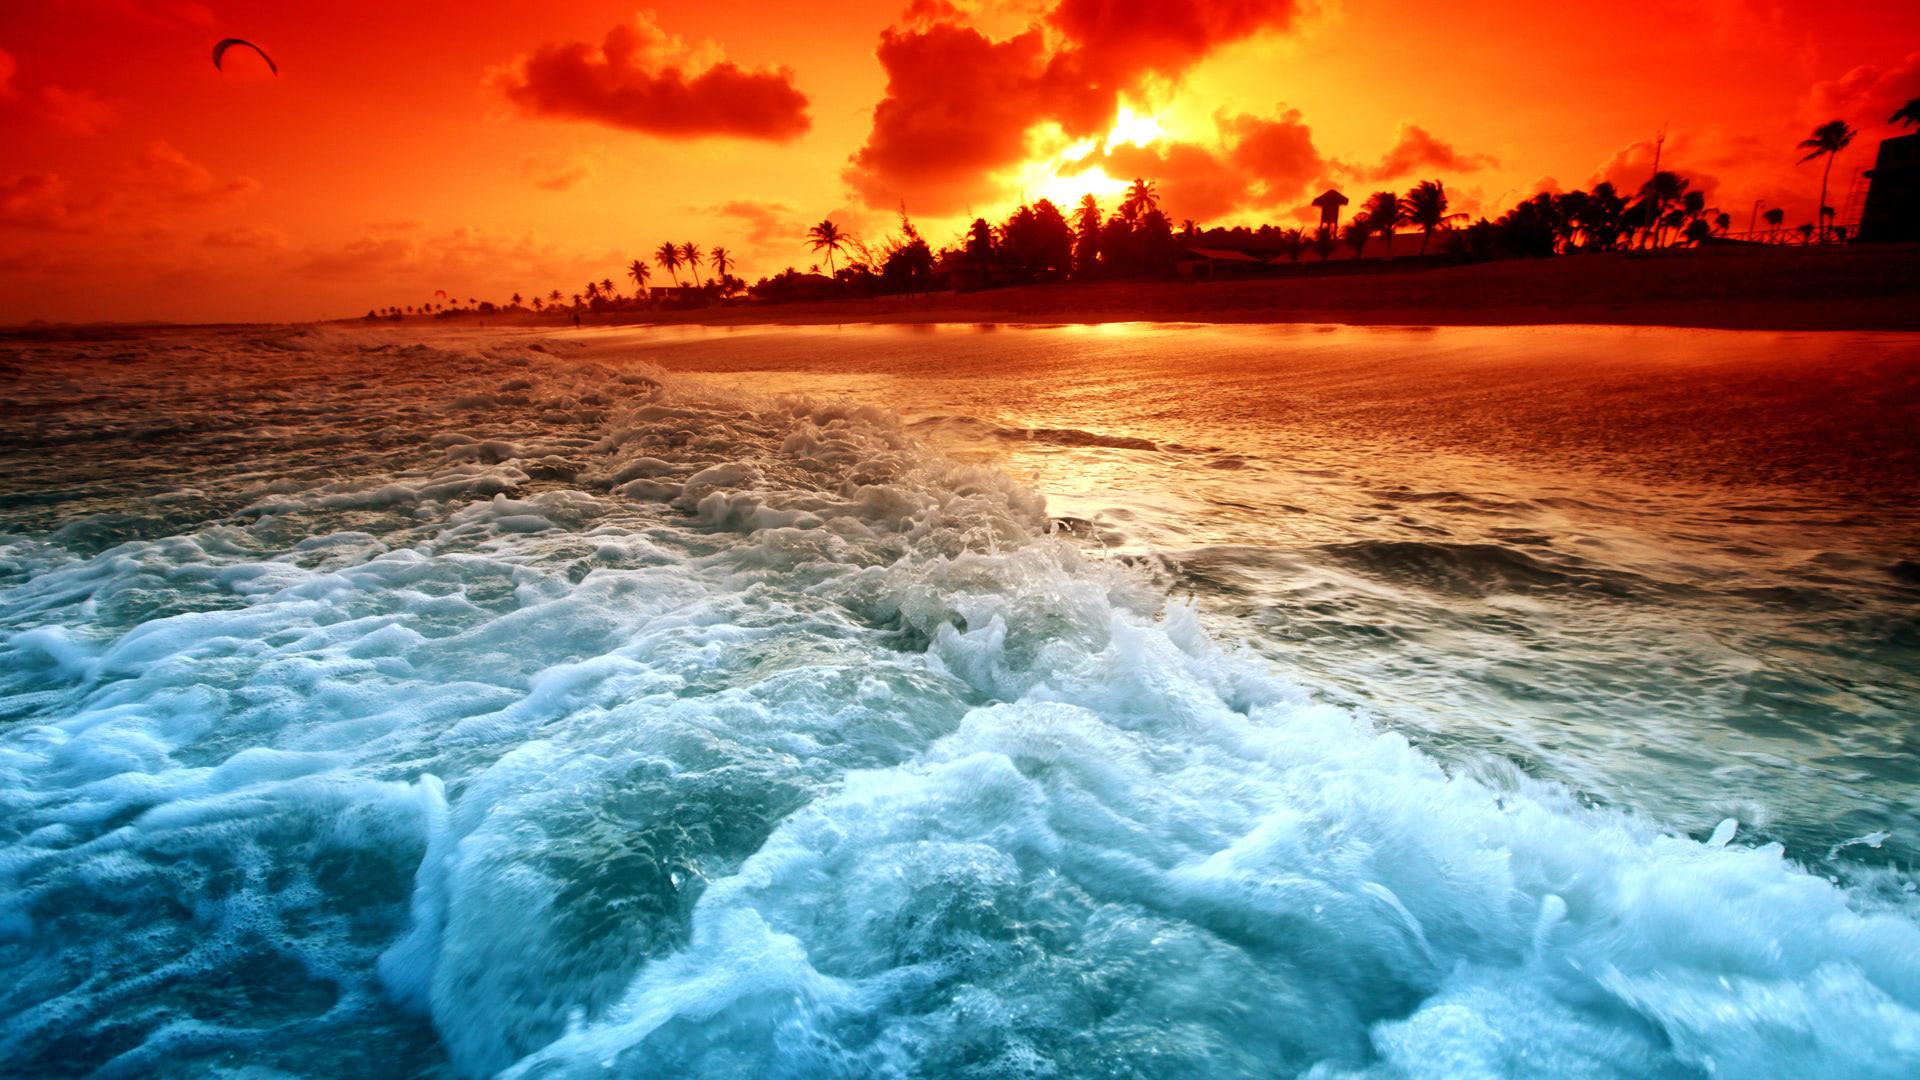 Magical Ocean Sunset Wallpaper